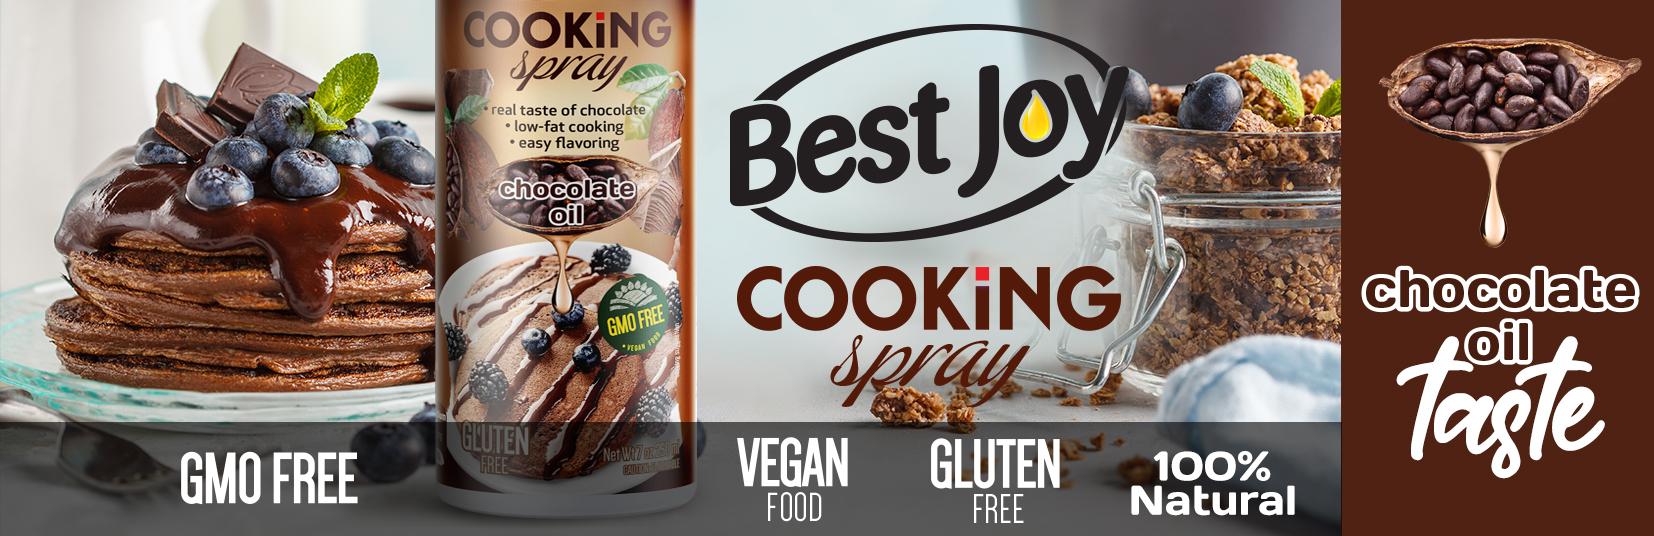 Best Joy Cooking Spray 250 ml Chocolate Oil 3.jpg